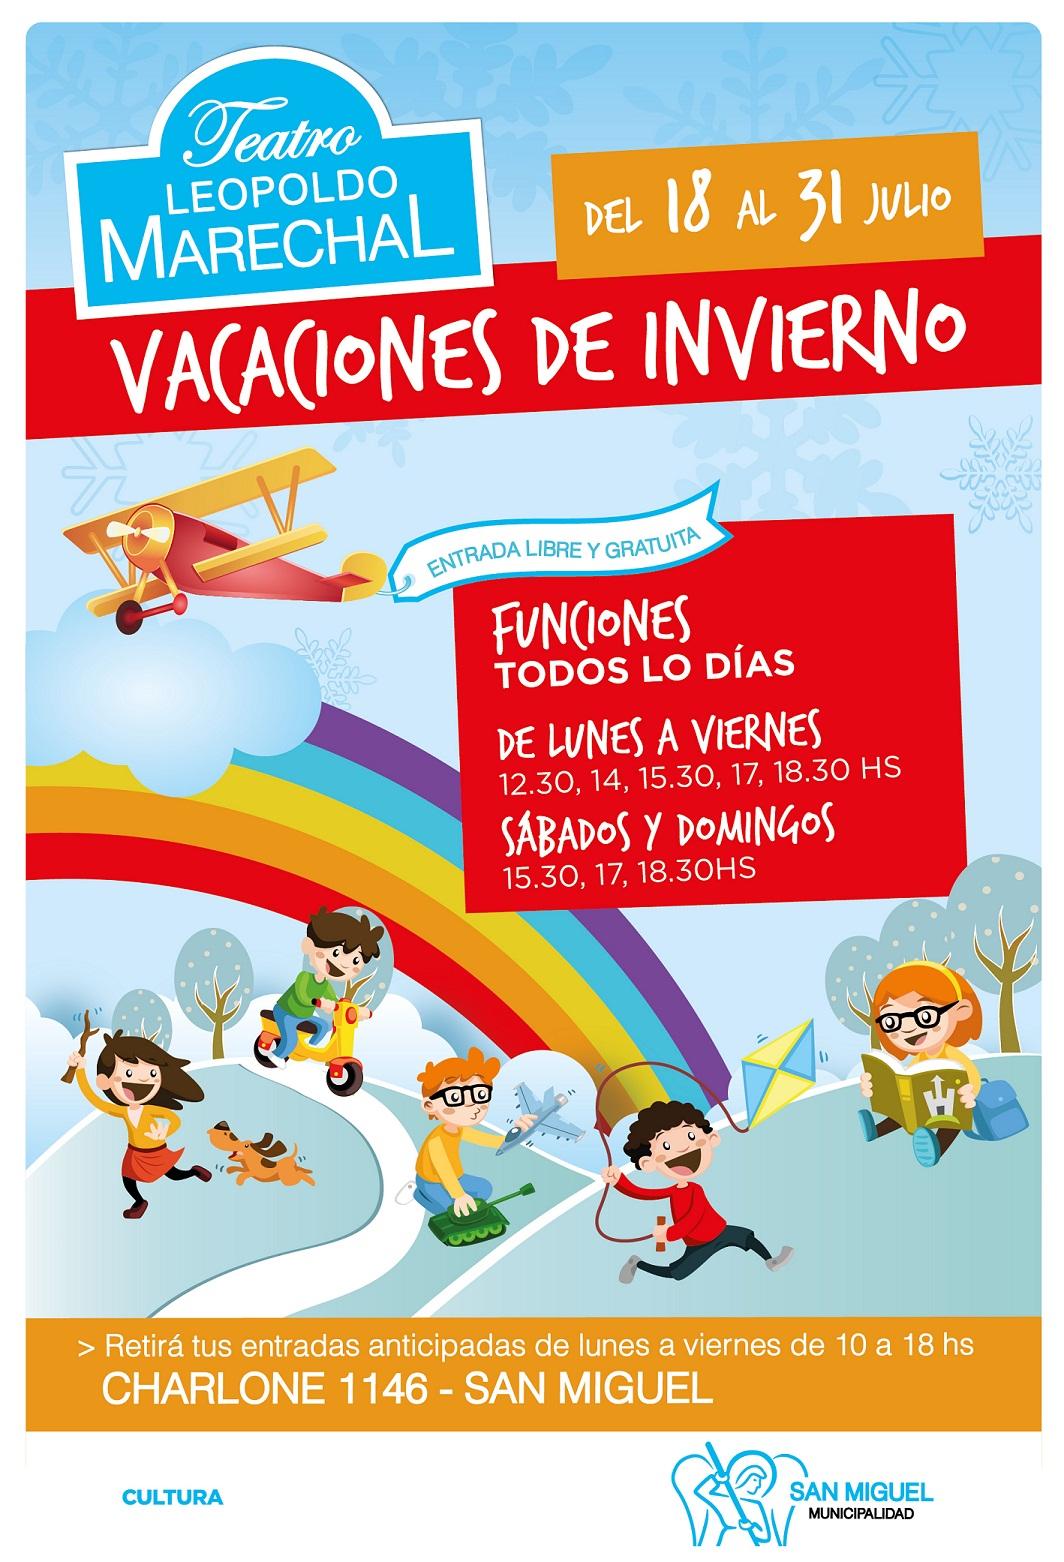 Arrancan las vacaciones de invierno y el Municipio de San Miguel ofrece shows gratuitos para todos los vecinos